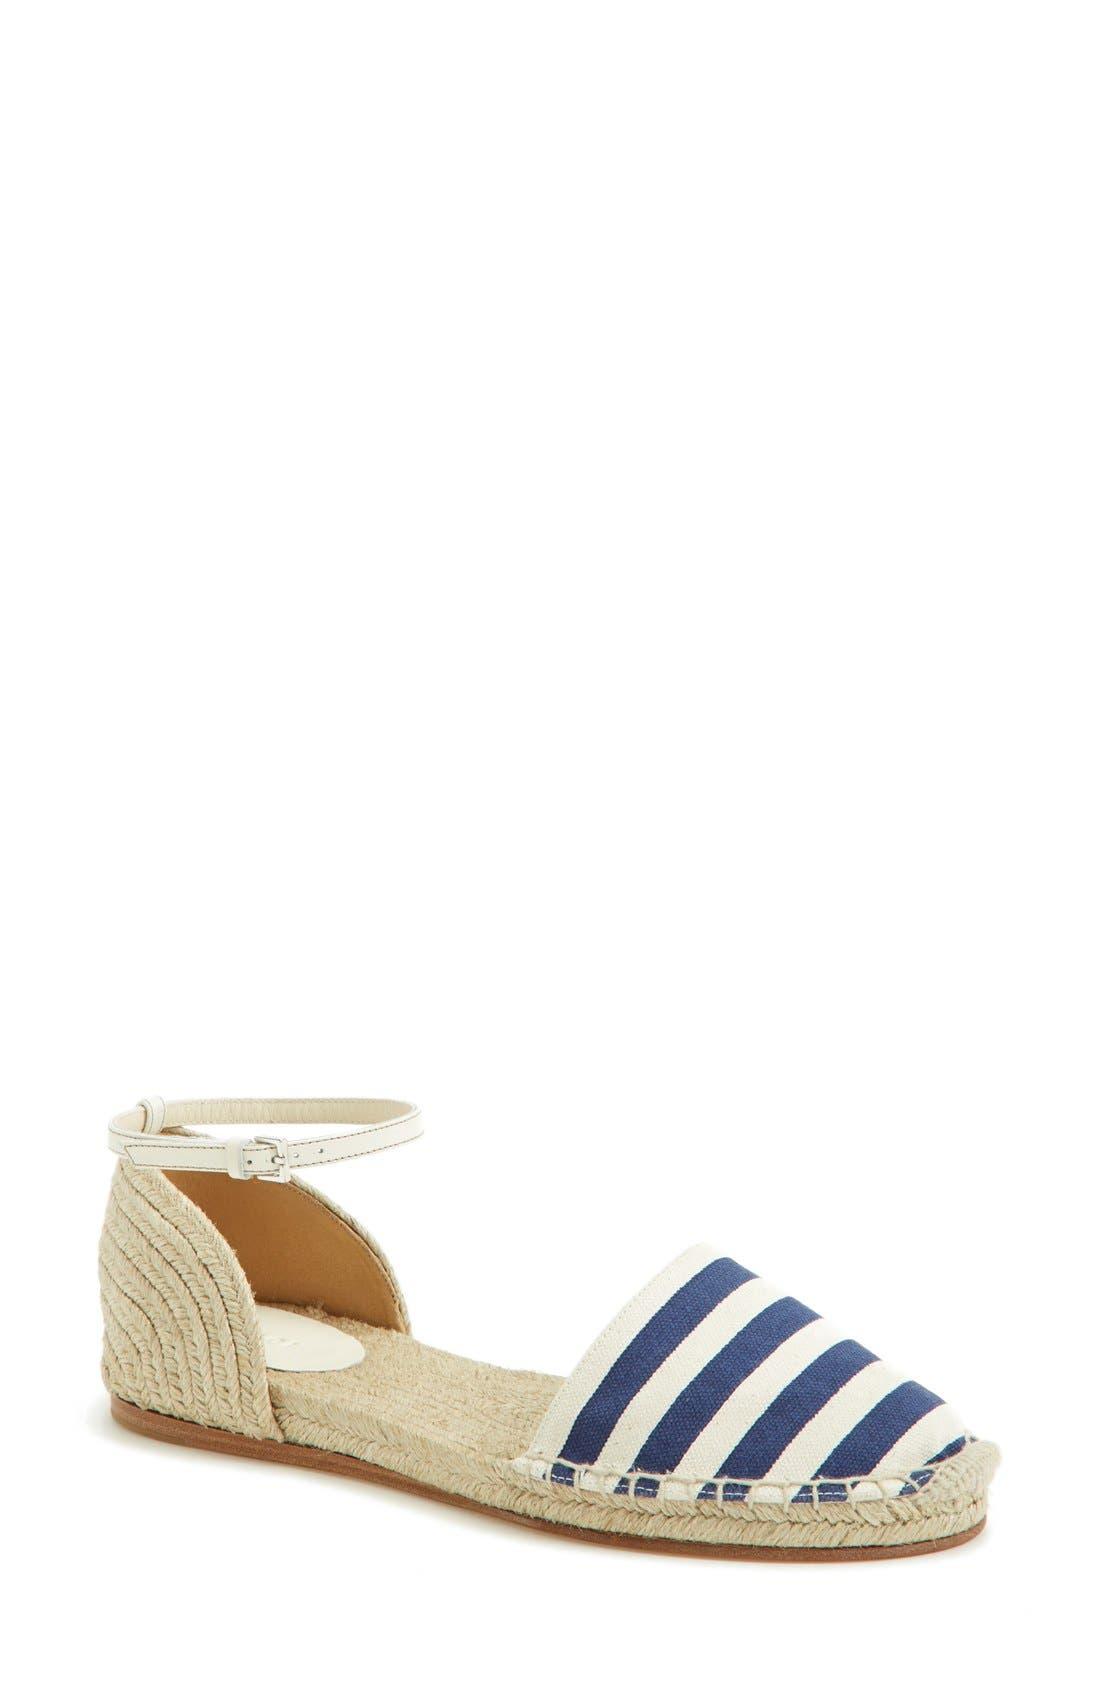 Main Image - Gucci 'Veronique' Ankle Strap d'Orsay Espadrille Flat (Women)